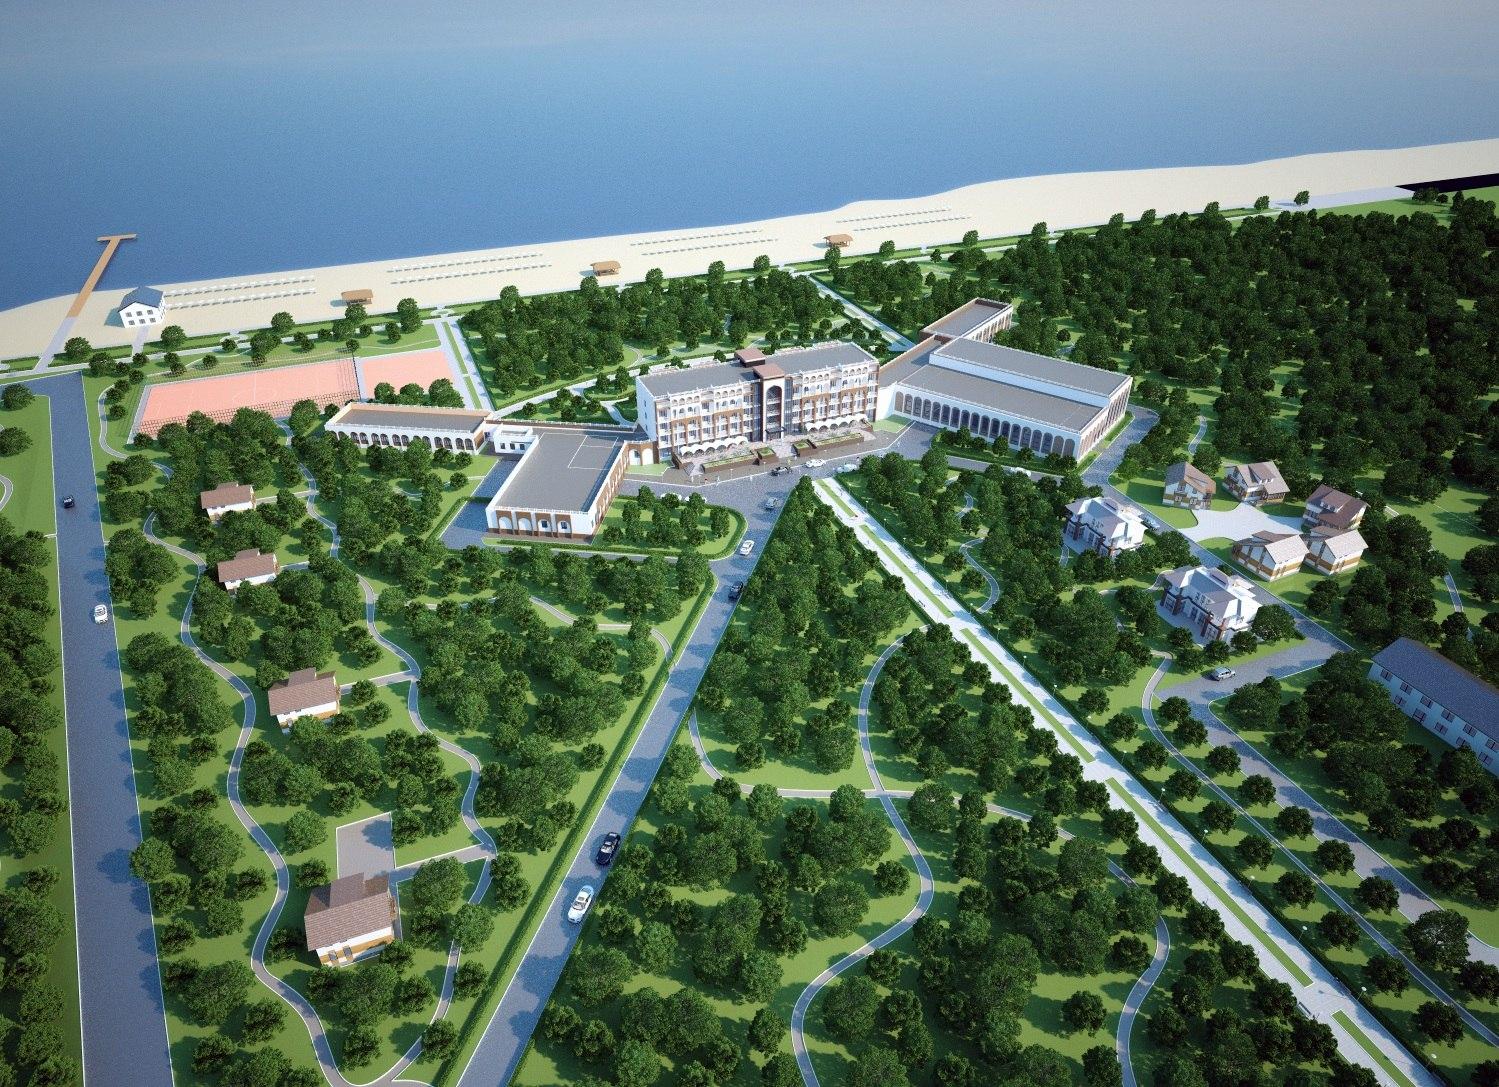 Архитектурный проект санатория в городе Иссык-Куль. Вид с высоты птичьего полета